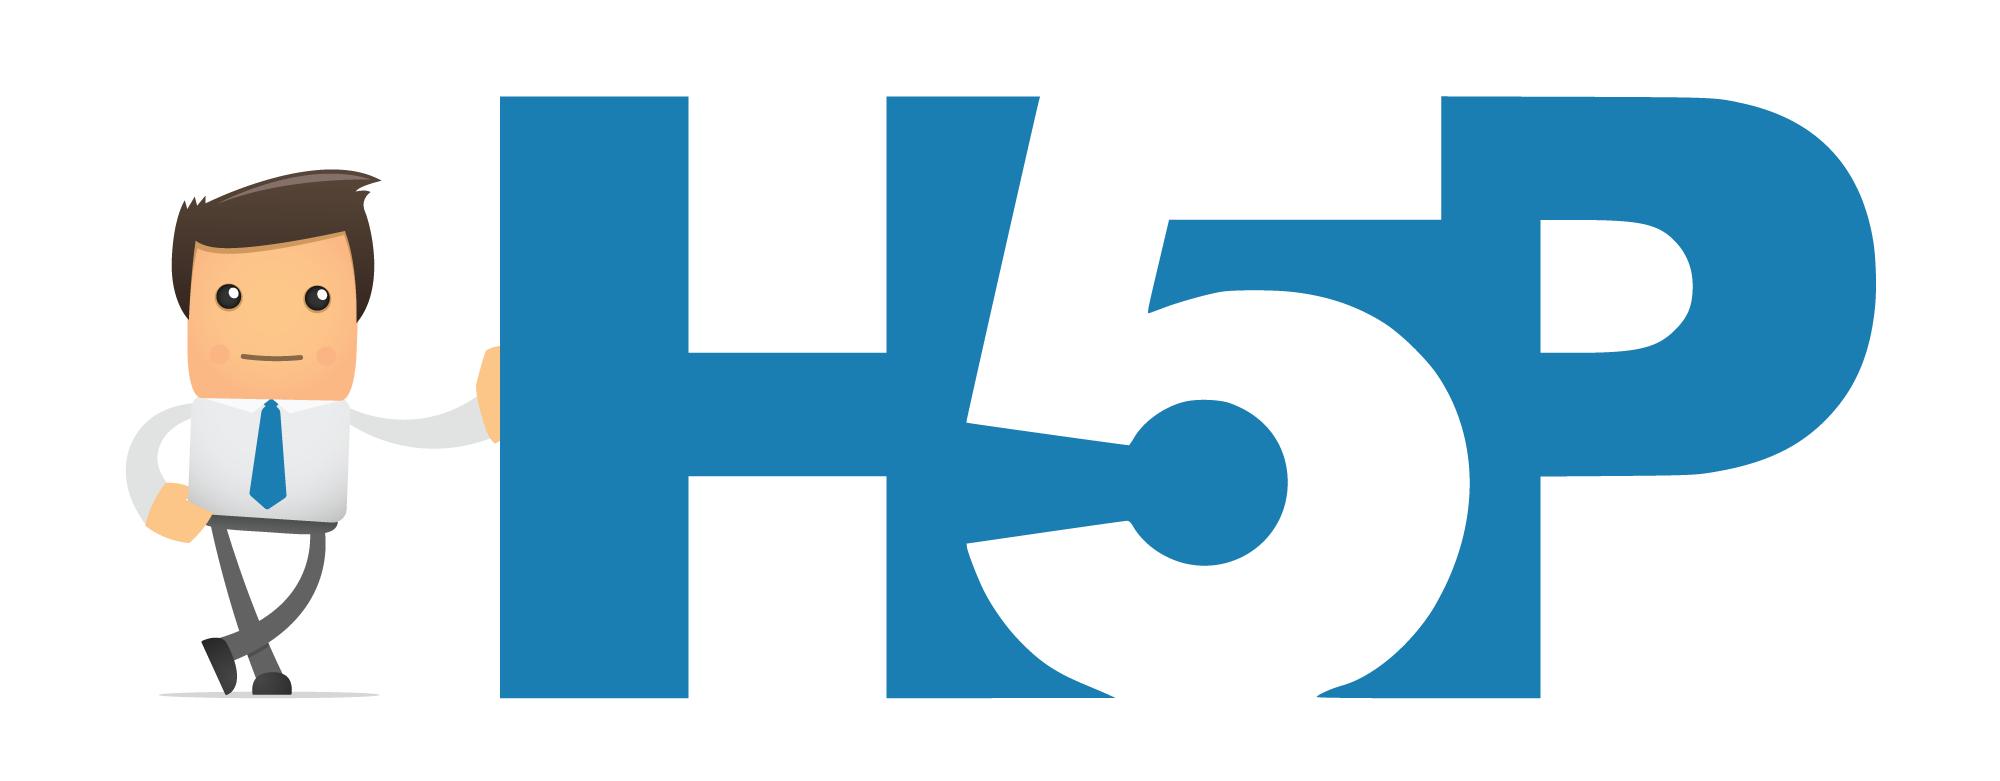 چگونه با آموزش تعاملی H5P در YekClass آموزش مجازی را بهبود بخشیم؟